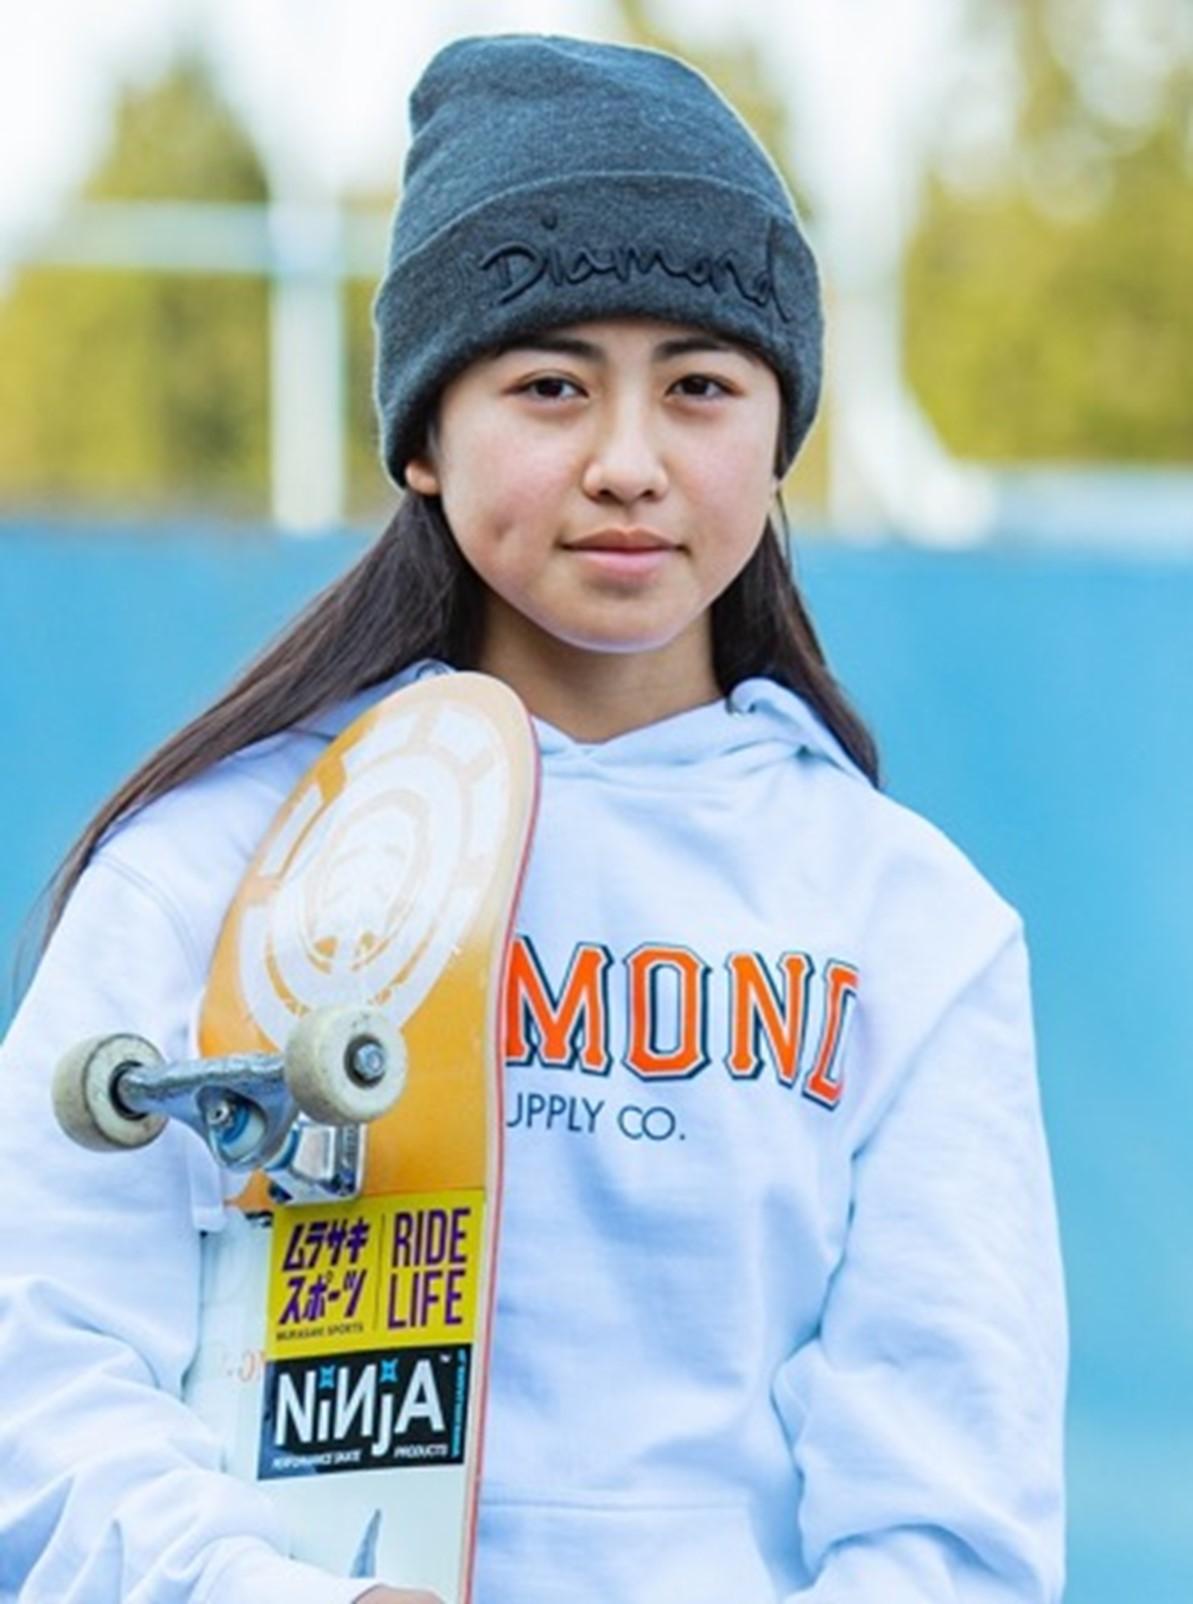 ▲中山楓奈さん 東京五輪 2020 スケートボード 女子ストリート 銅メダリスト